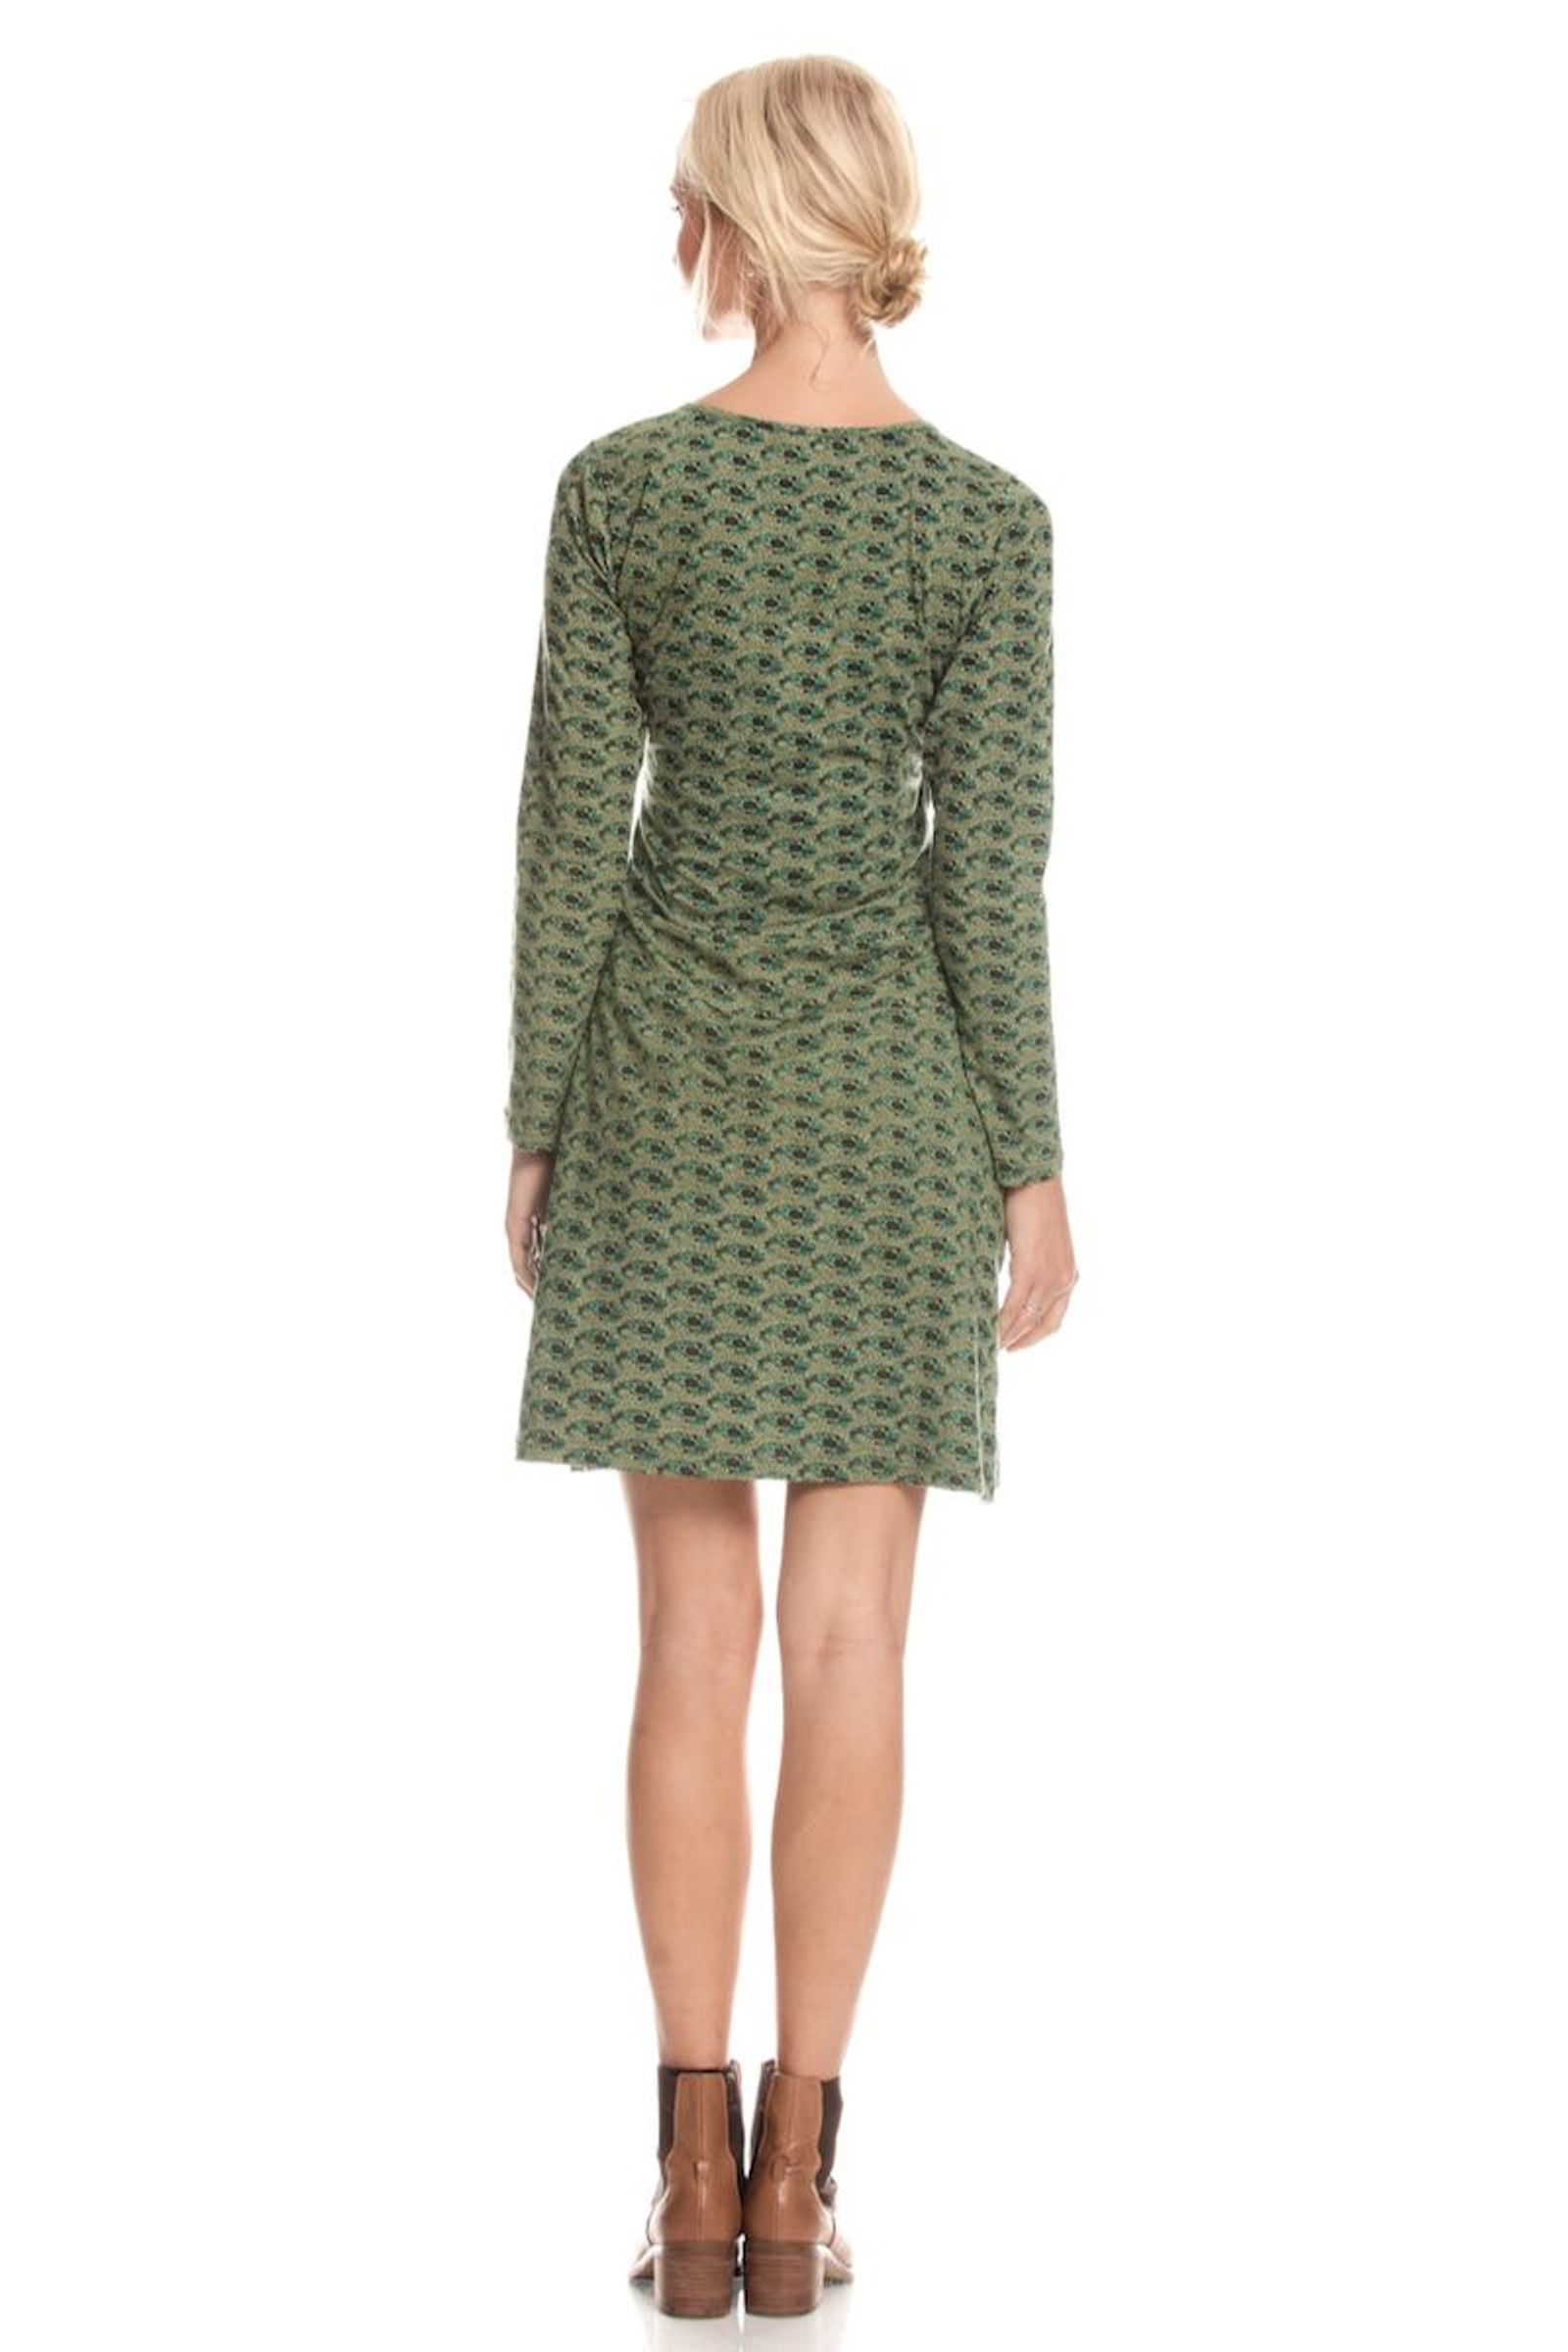 Lexi Dress - Clover Jade